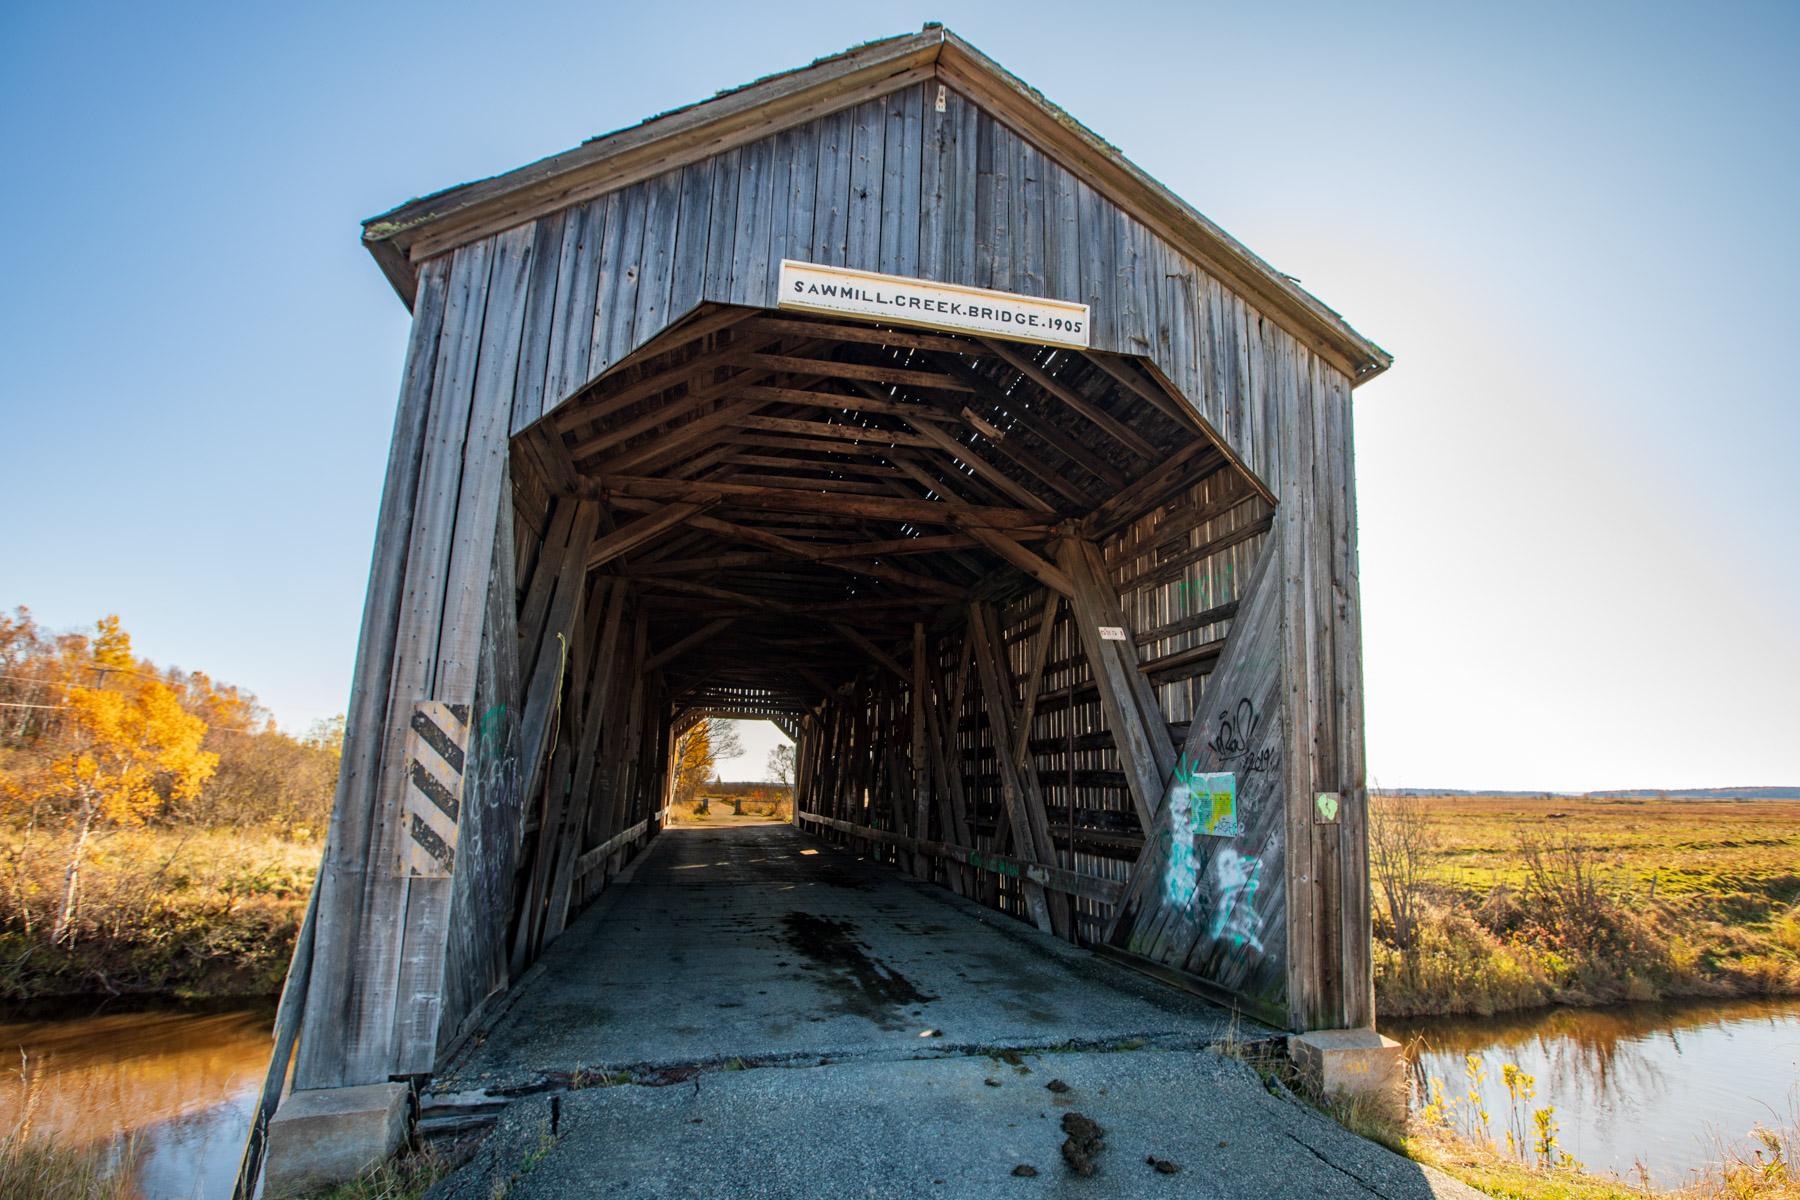 Sawmill Creek Bridge, Hopewell Hill, New Brunswick, Canada